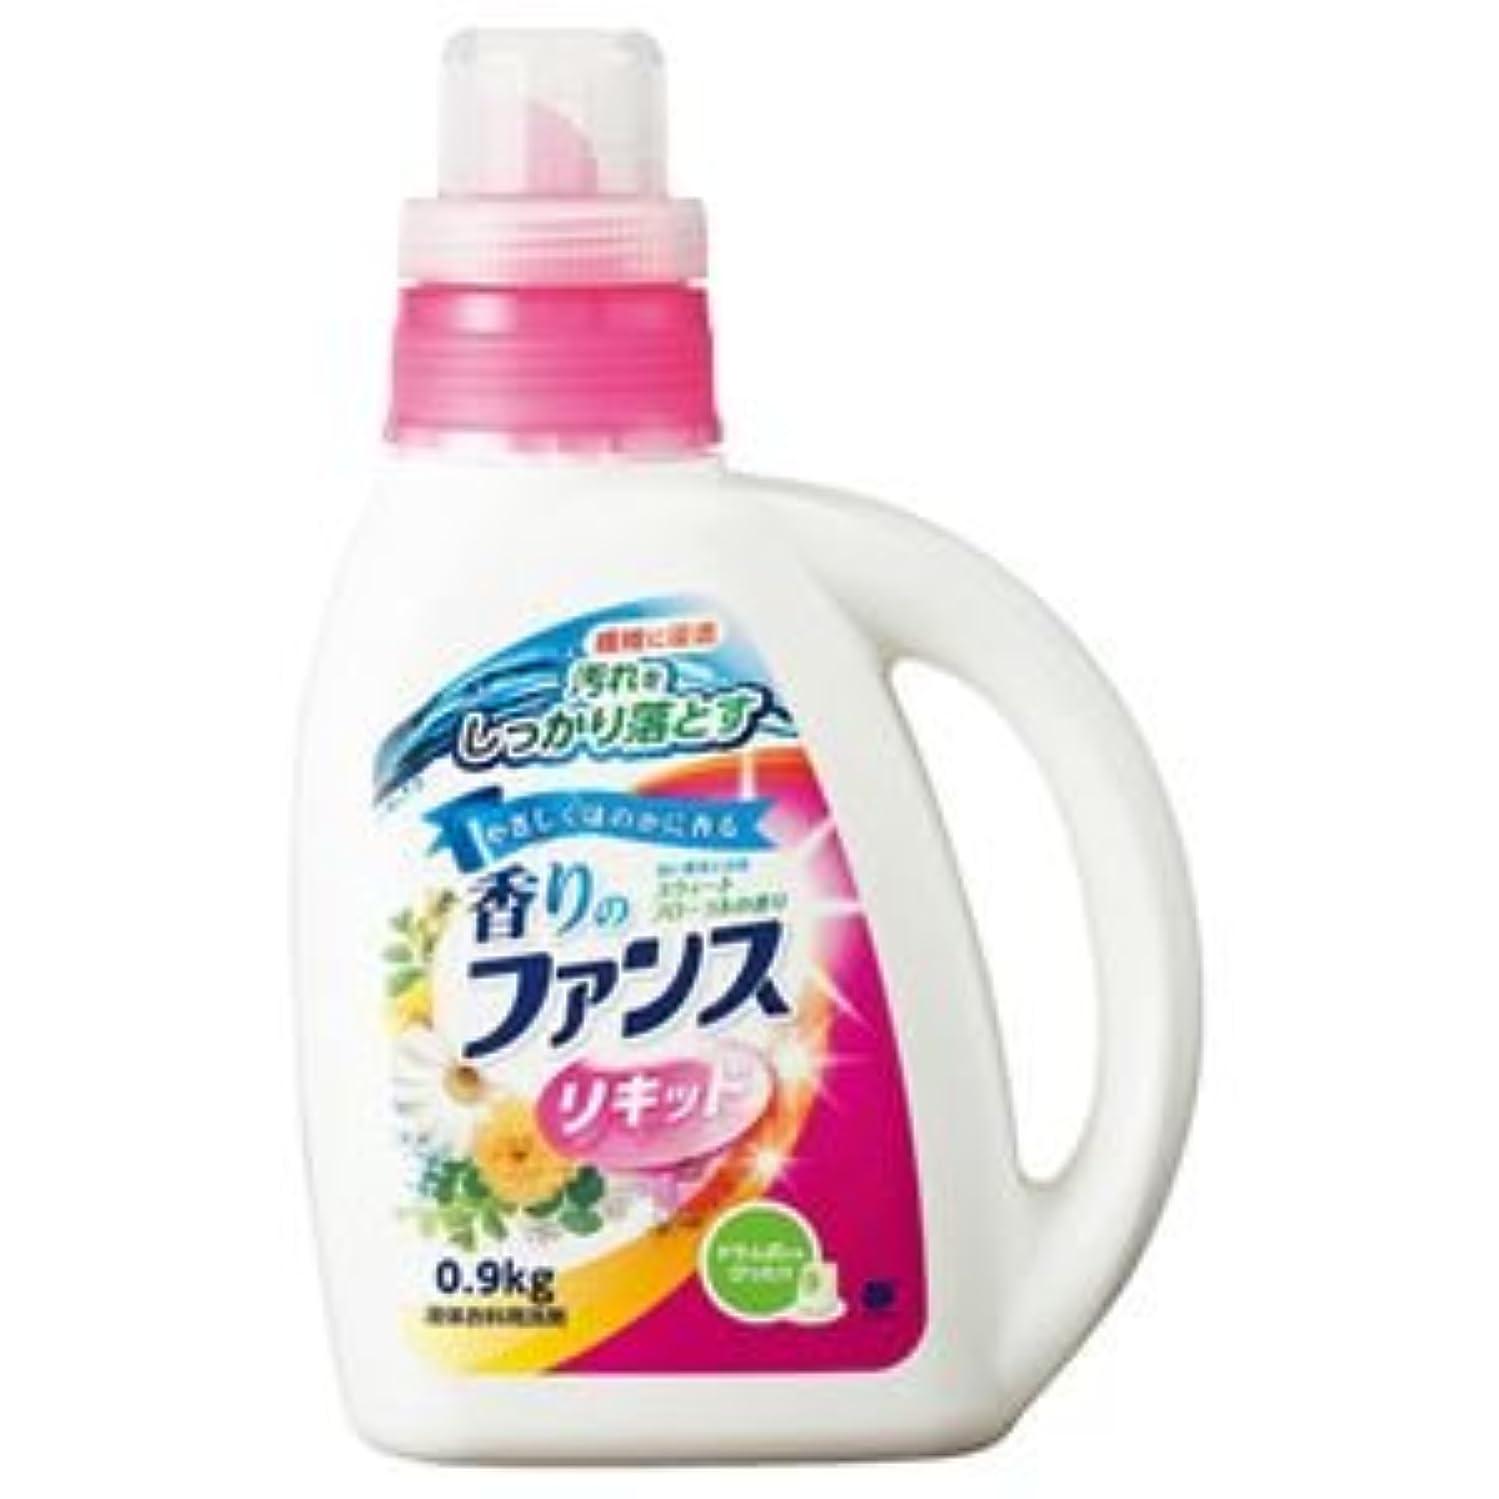 避難規範寄稿者(まとめ) 第一石鹸 香りのファンス 液体衣料用洗剤リキッド 本体 0.9kg 1本 【×10セット】